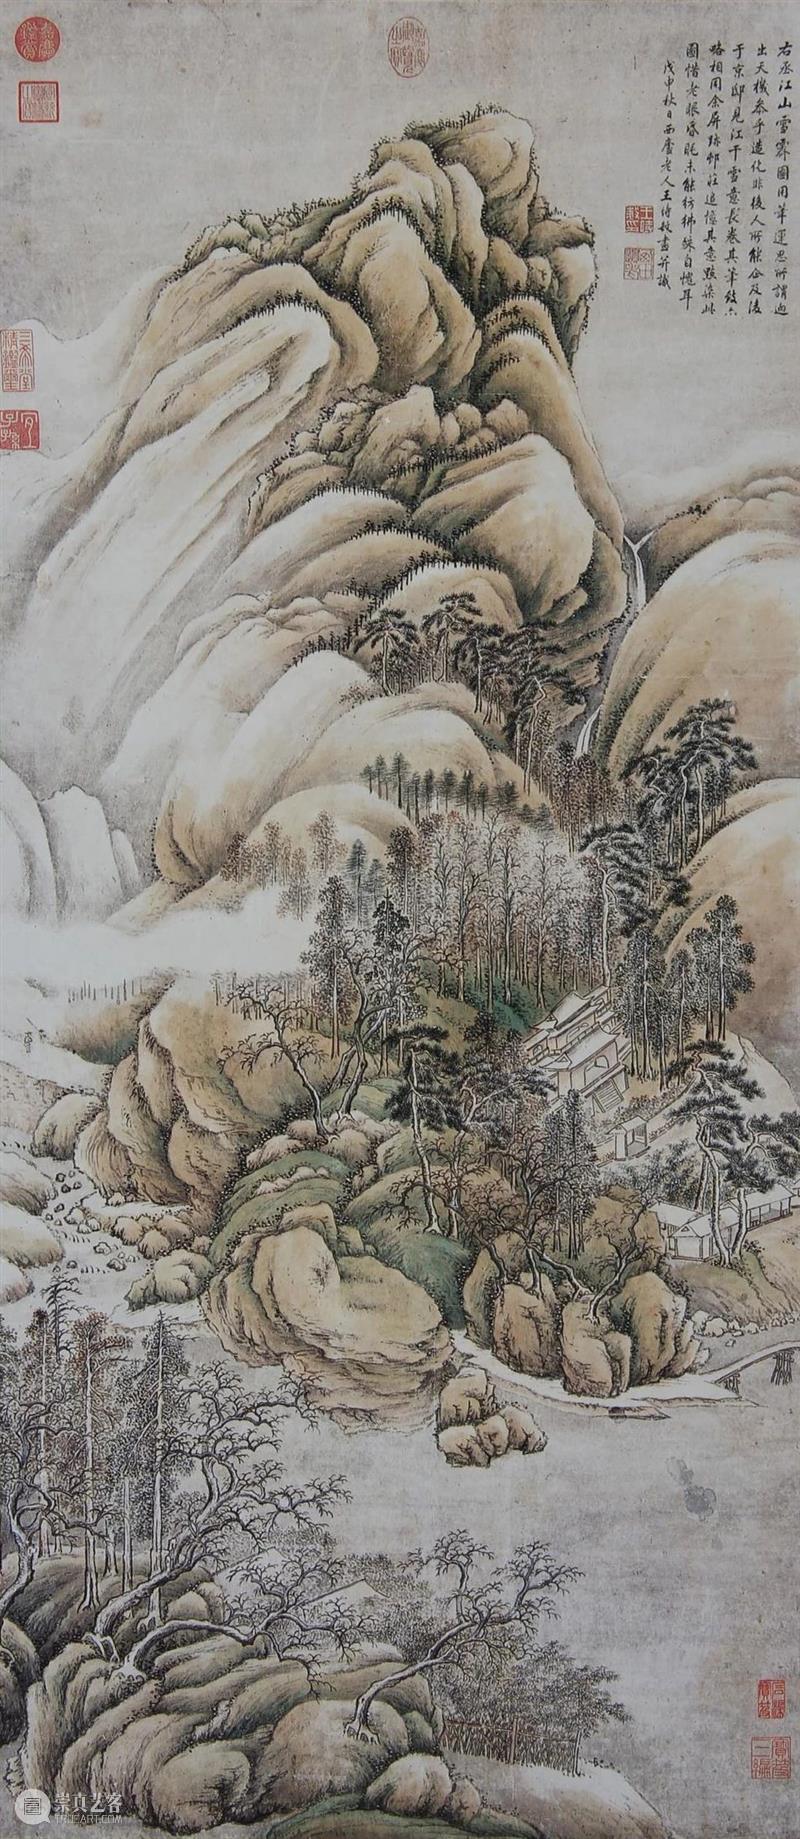 瑞雪兆丰年 瑞雪兆丰年 大家 张伯驹 中国 雪景 山水画 唐王维 安史之乱 唐玄宗 扈从 崇真艺客